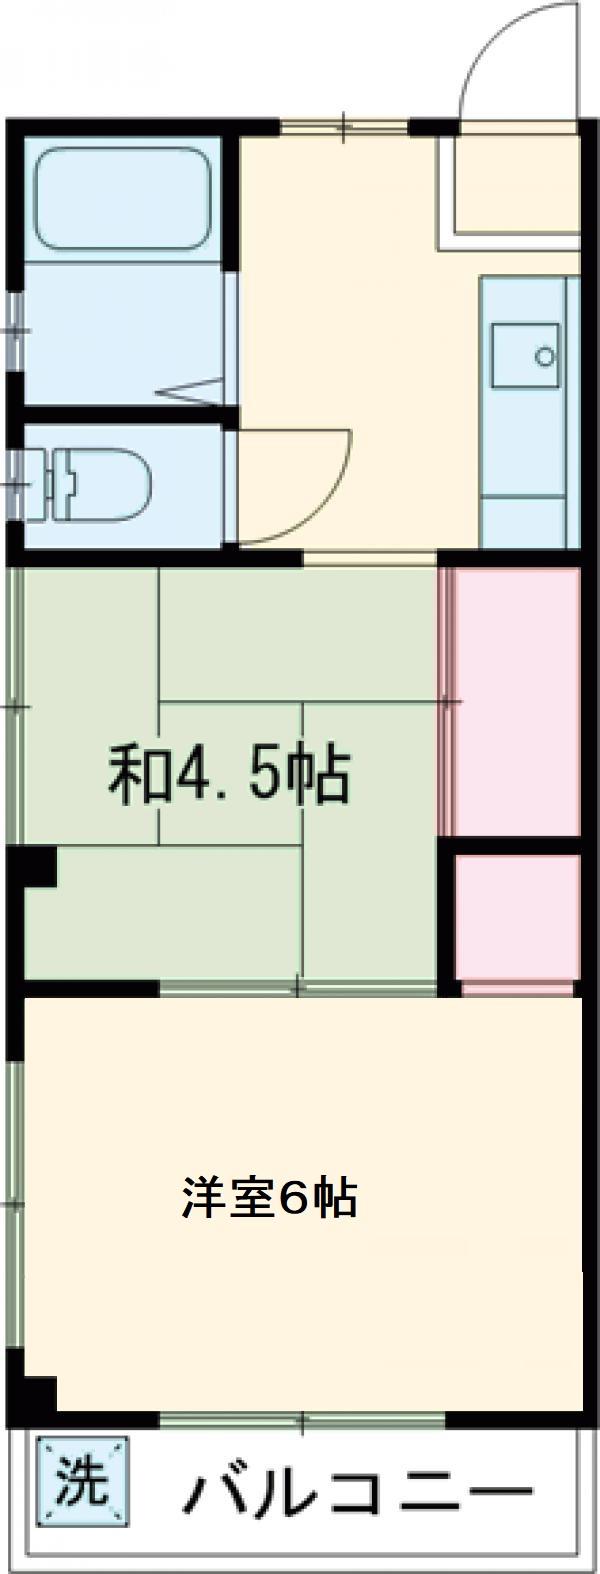 ヨシノハイツ・301号室の間取り